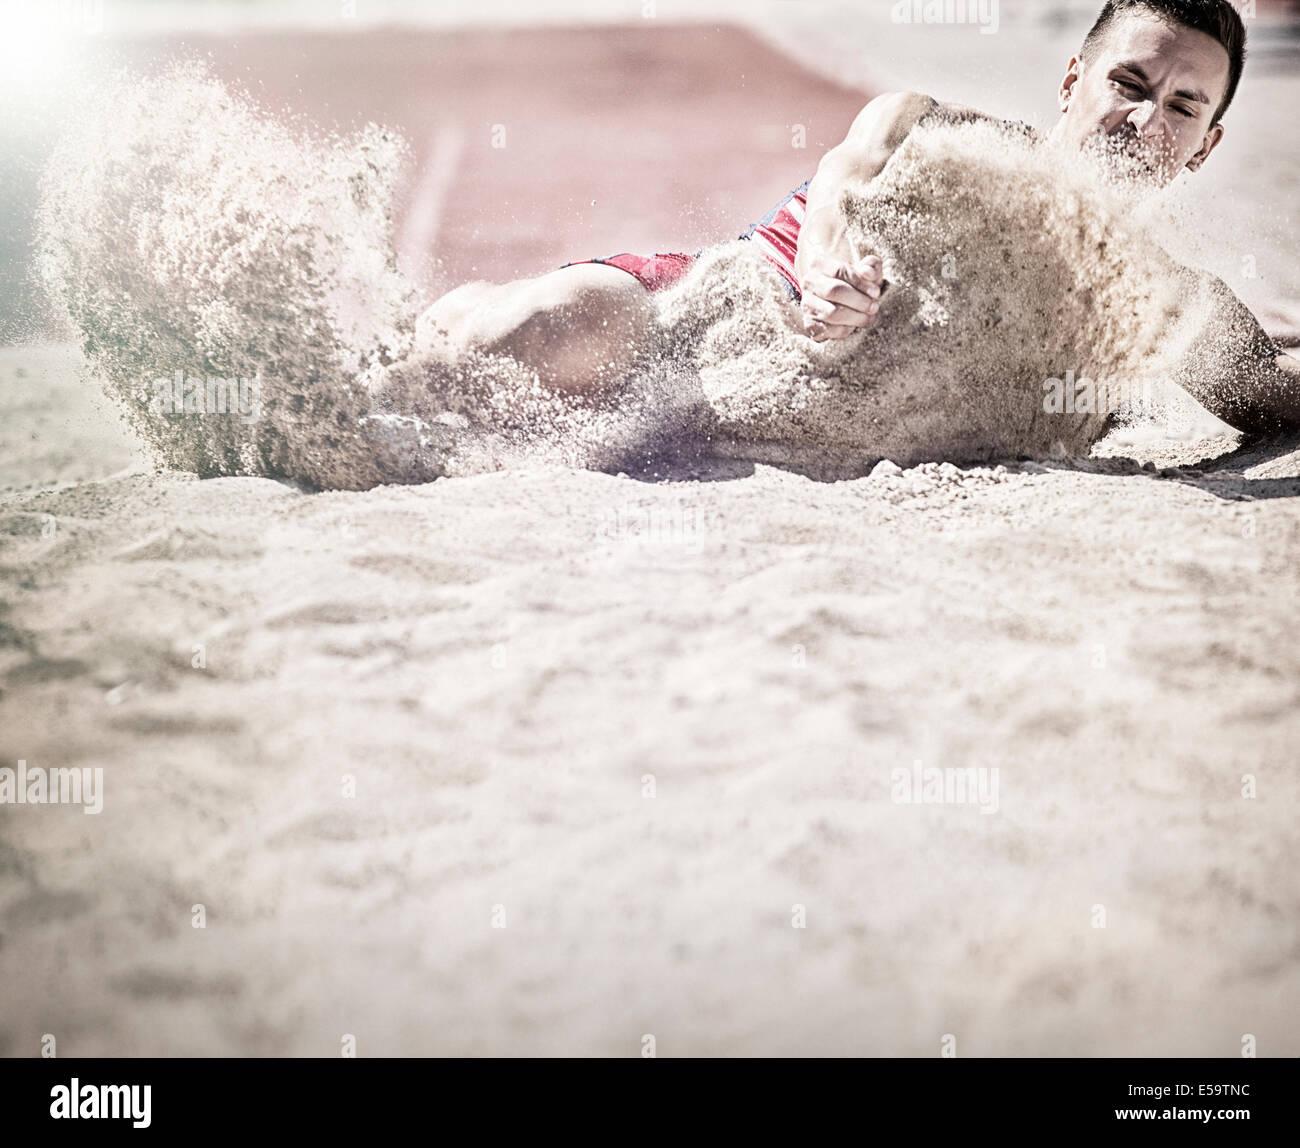 Long jumper landing in sand - Stock Image